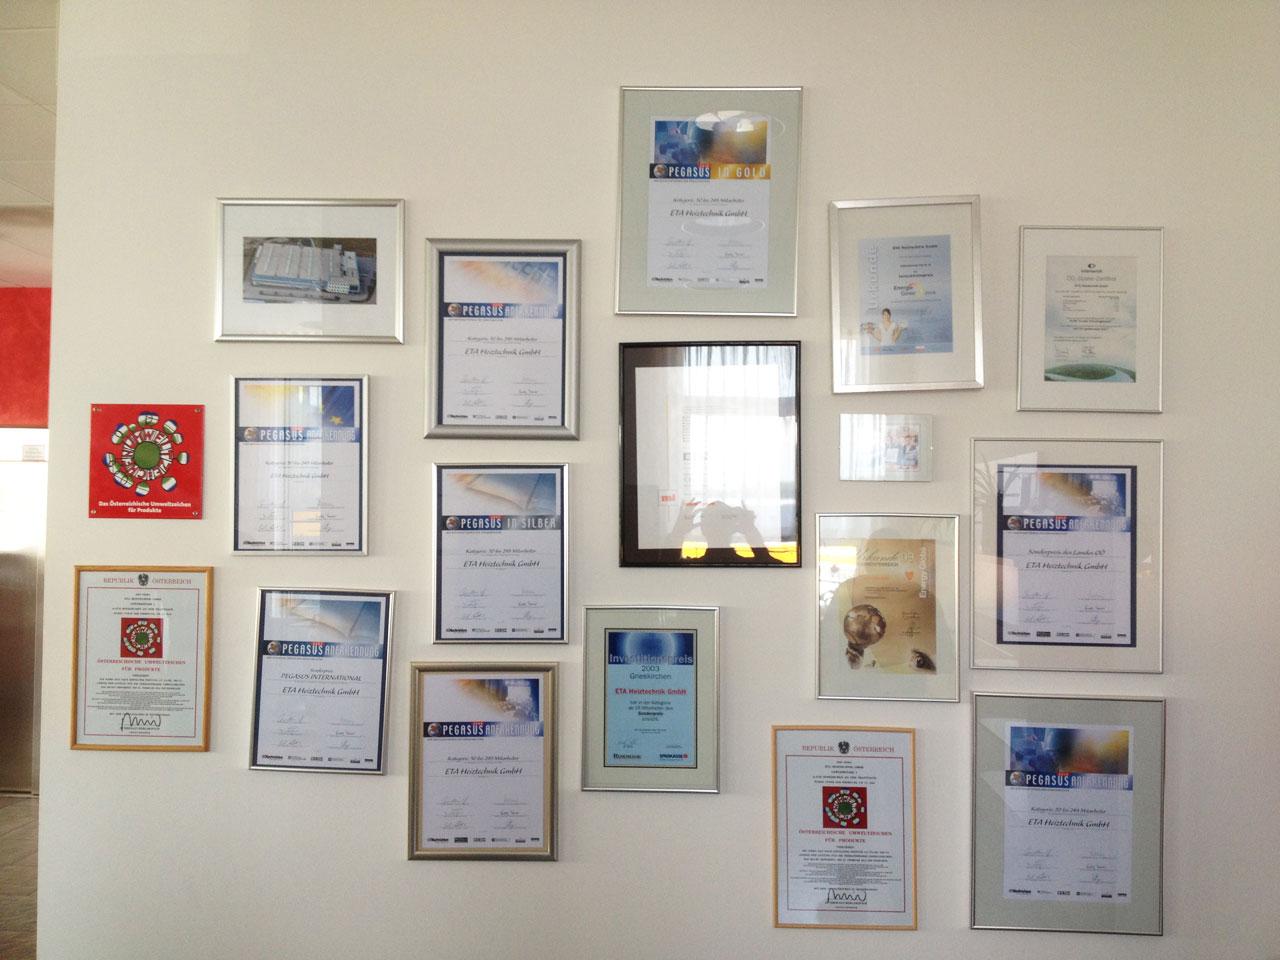 Prix et concours obtenus par l'usine ETA